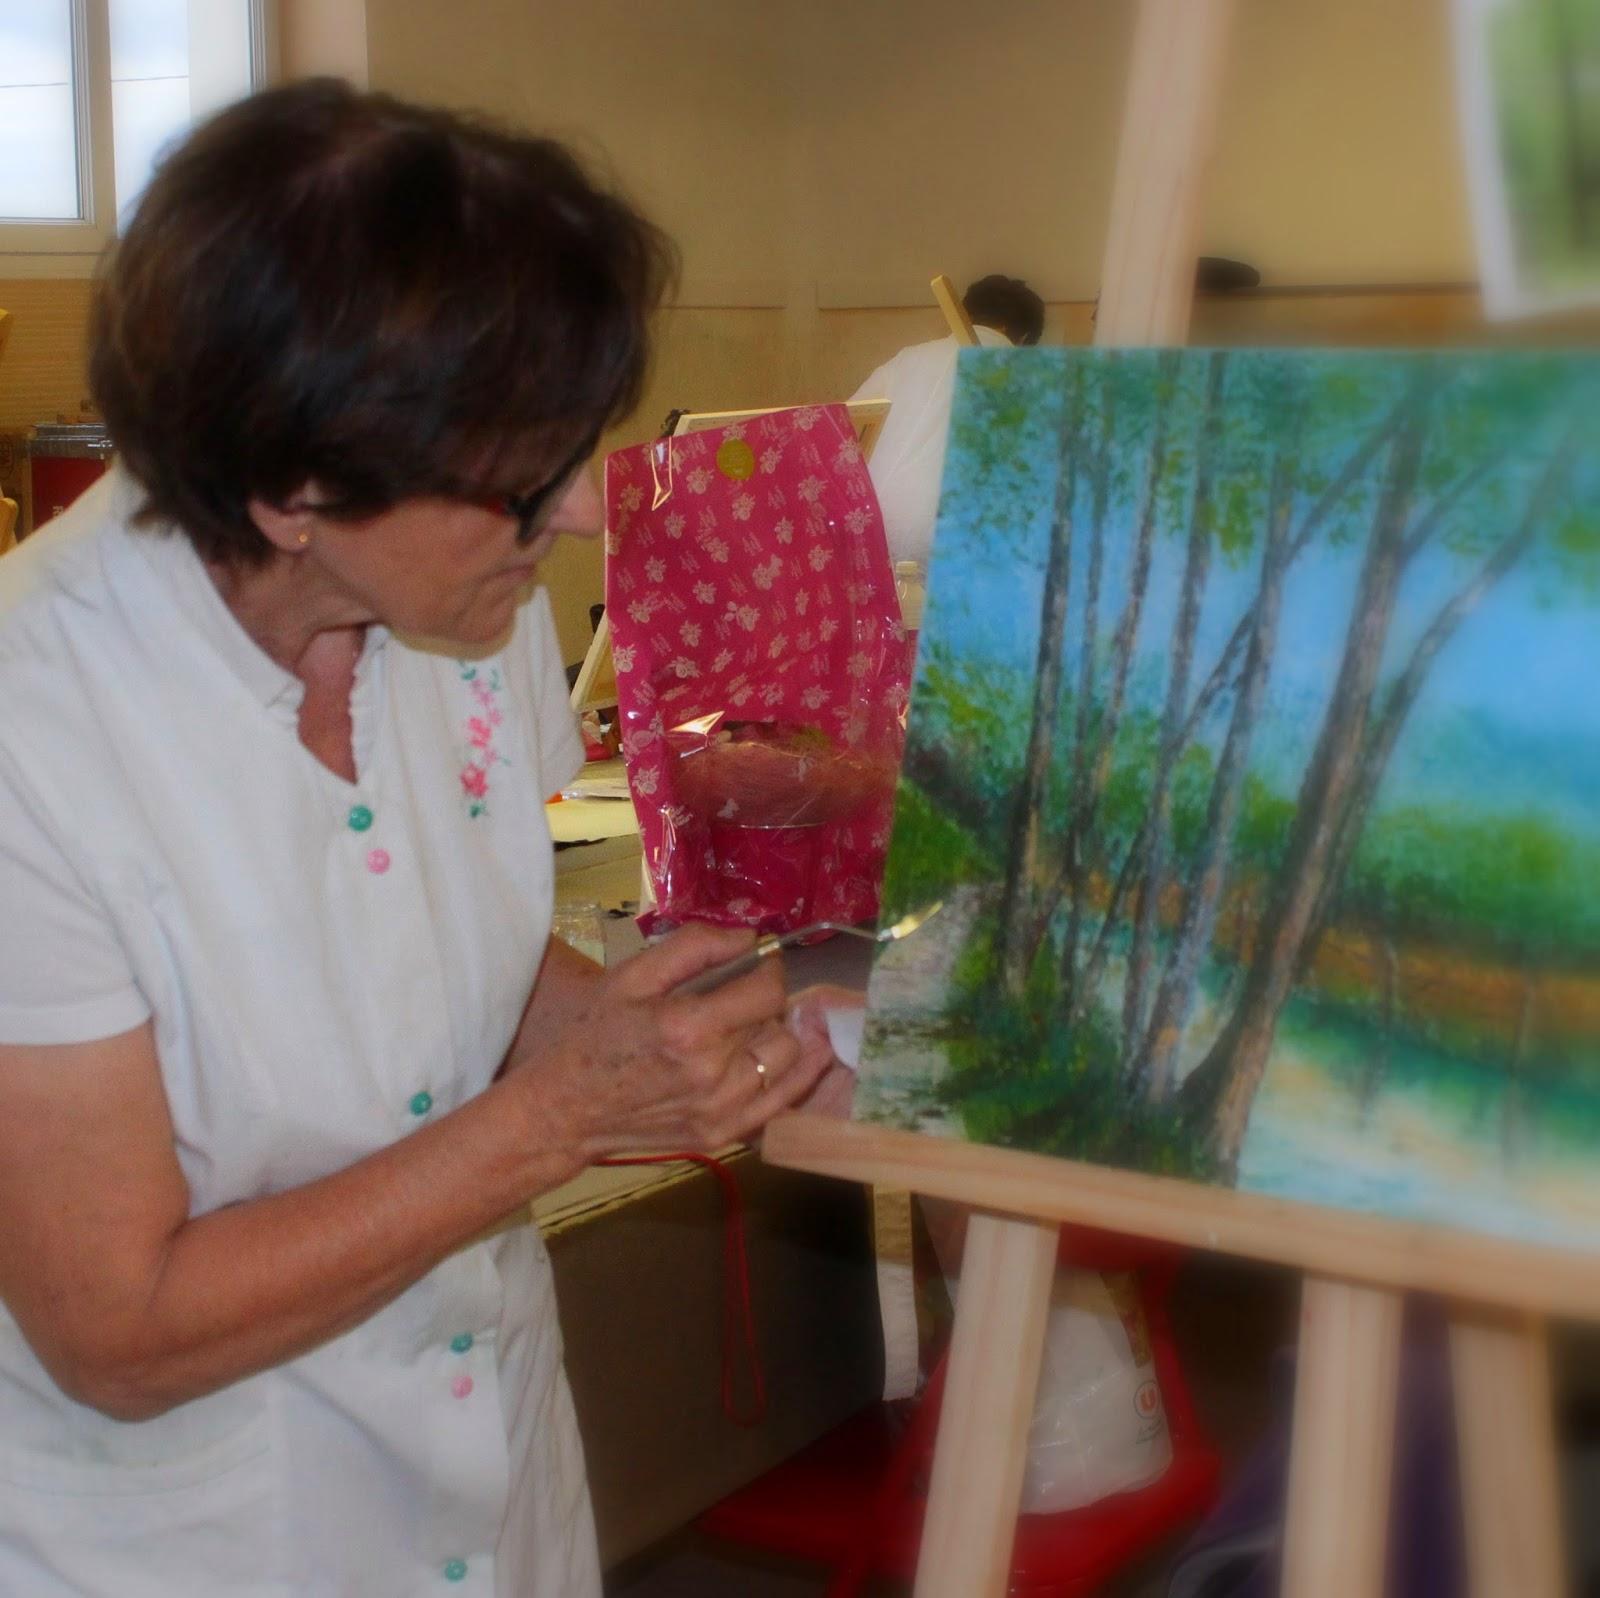 http://www.kizoa.fr/Montage-Photo/d16816314k5356386o1l1/les-peintures-de-christane-a-